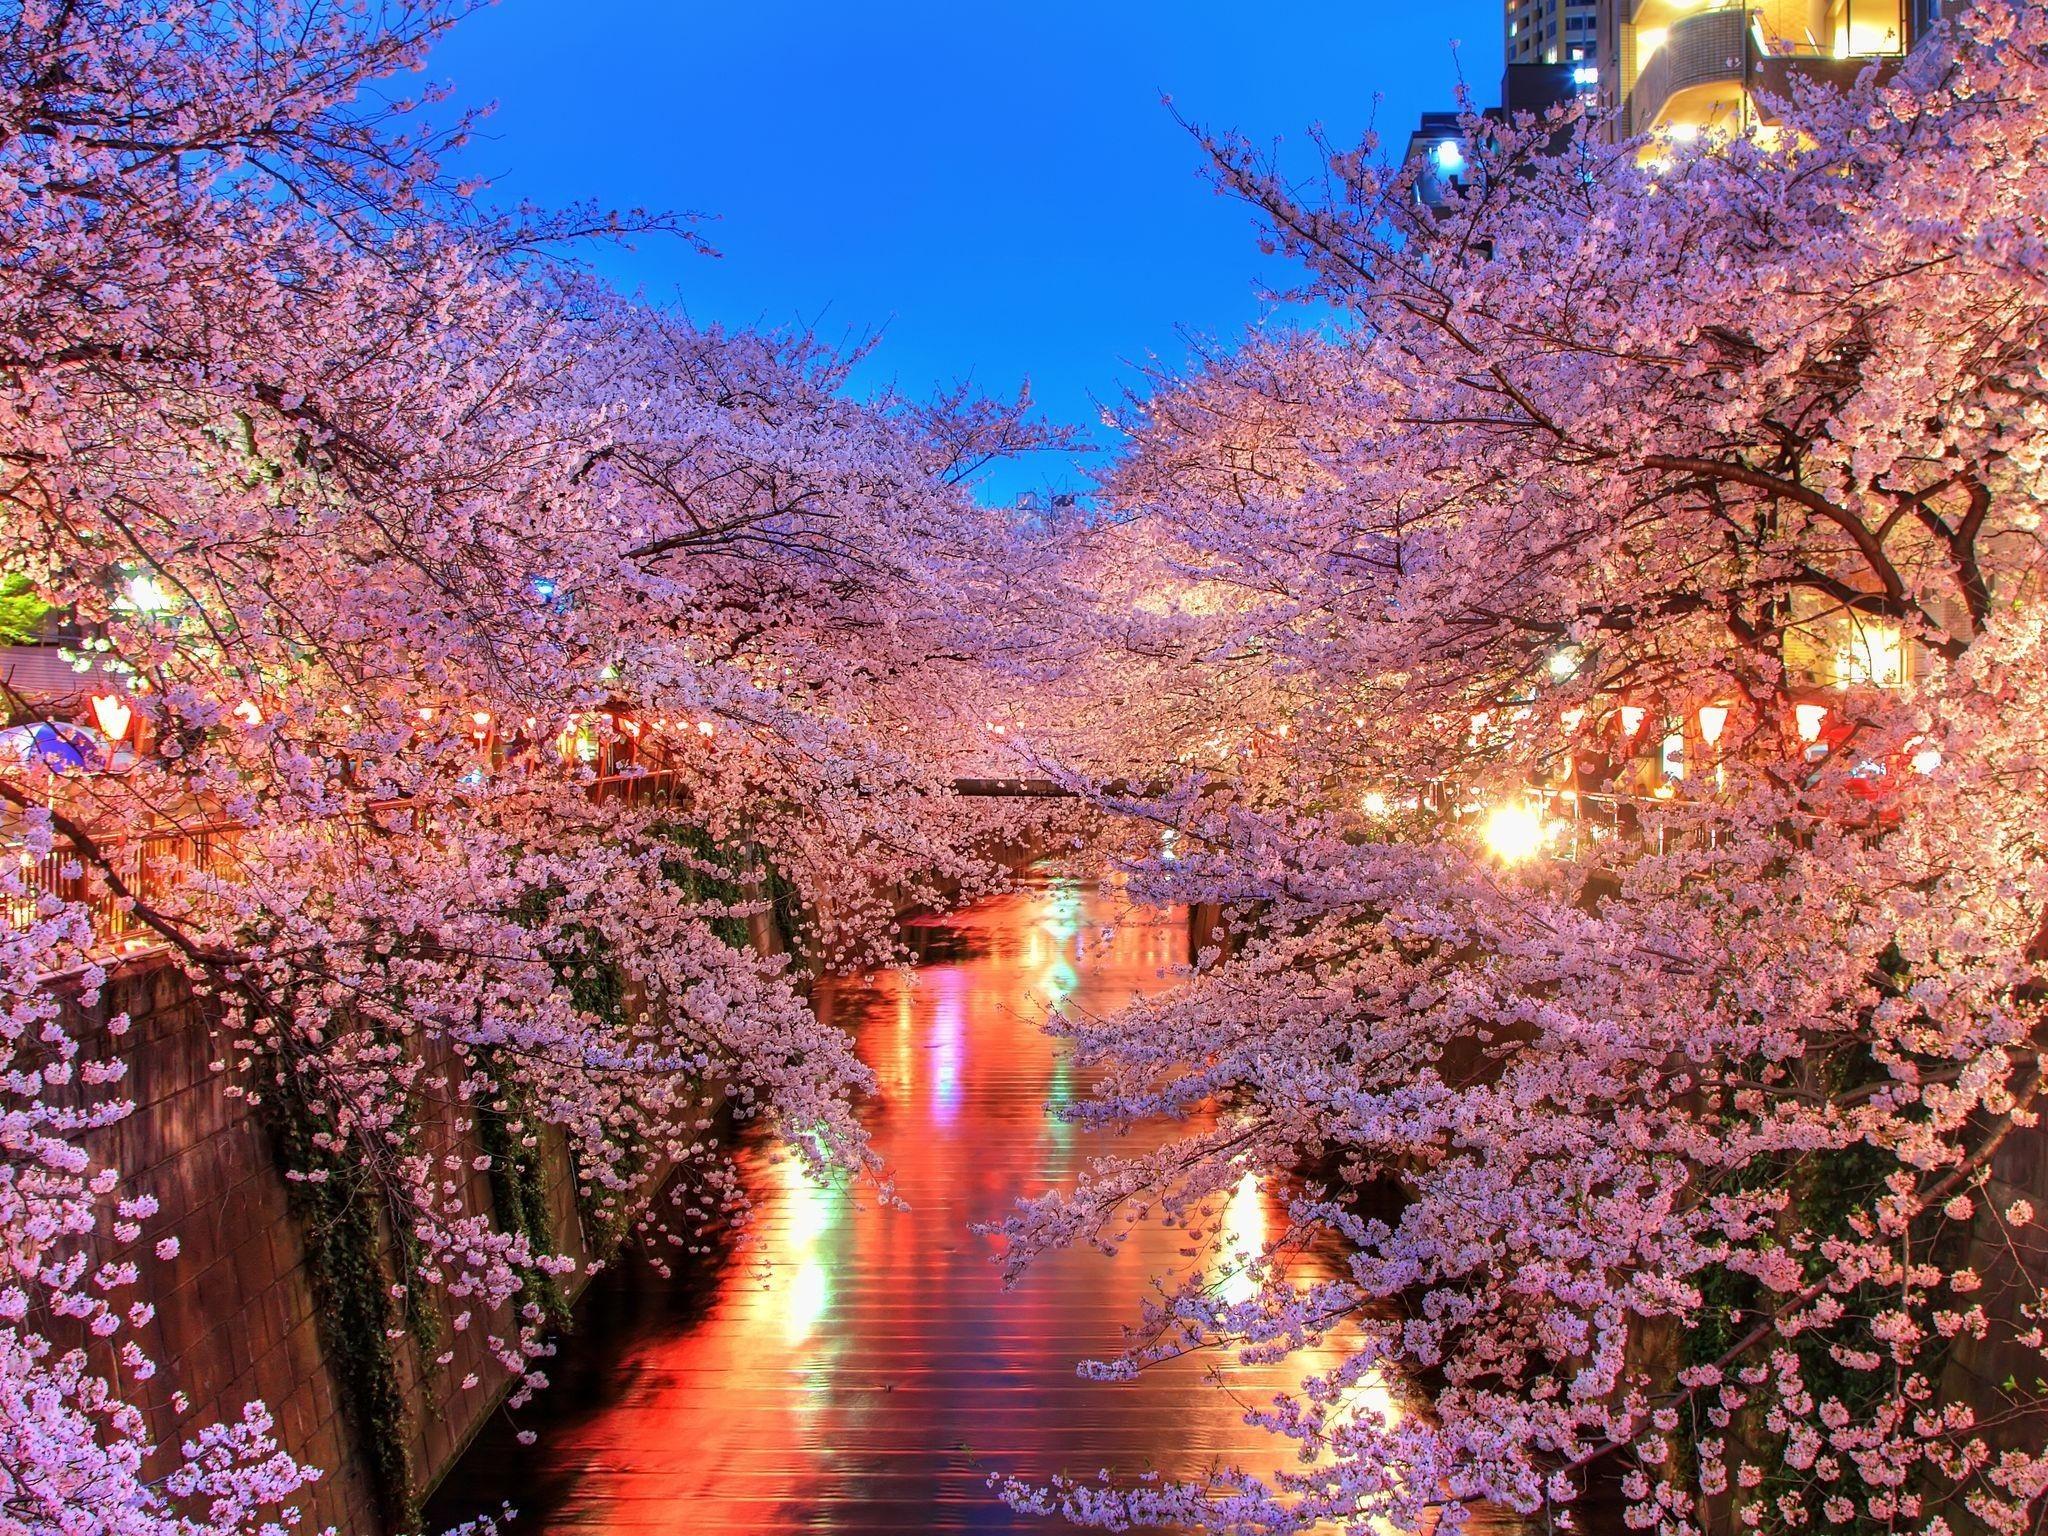 20738 скачать обои Пейзаж, Цветы, Река, Деревья - заставки и картинки бесплатно